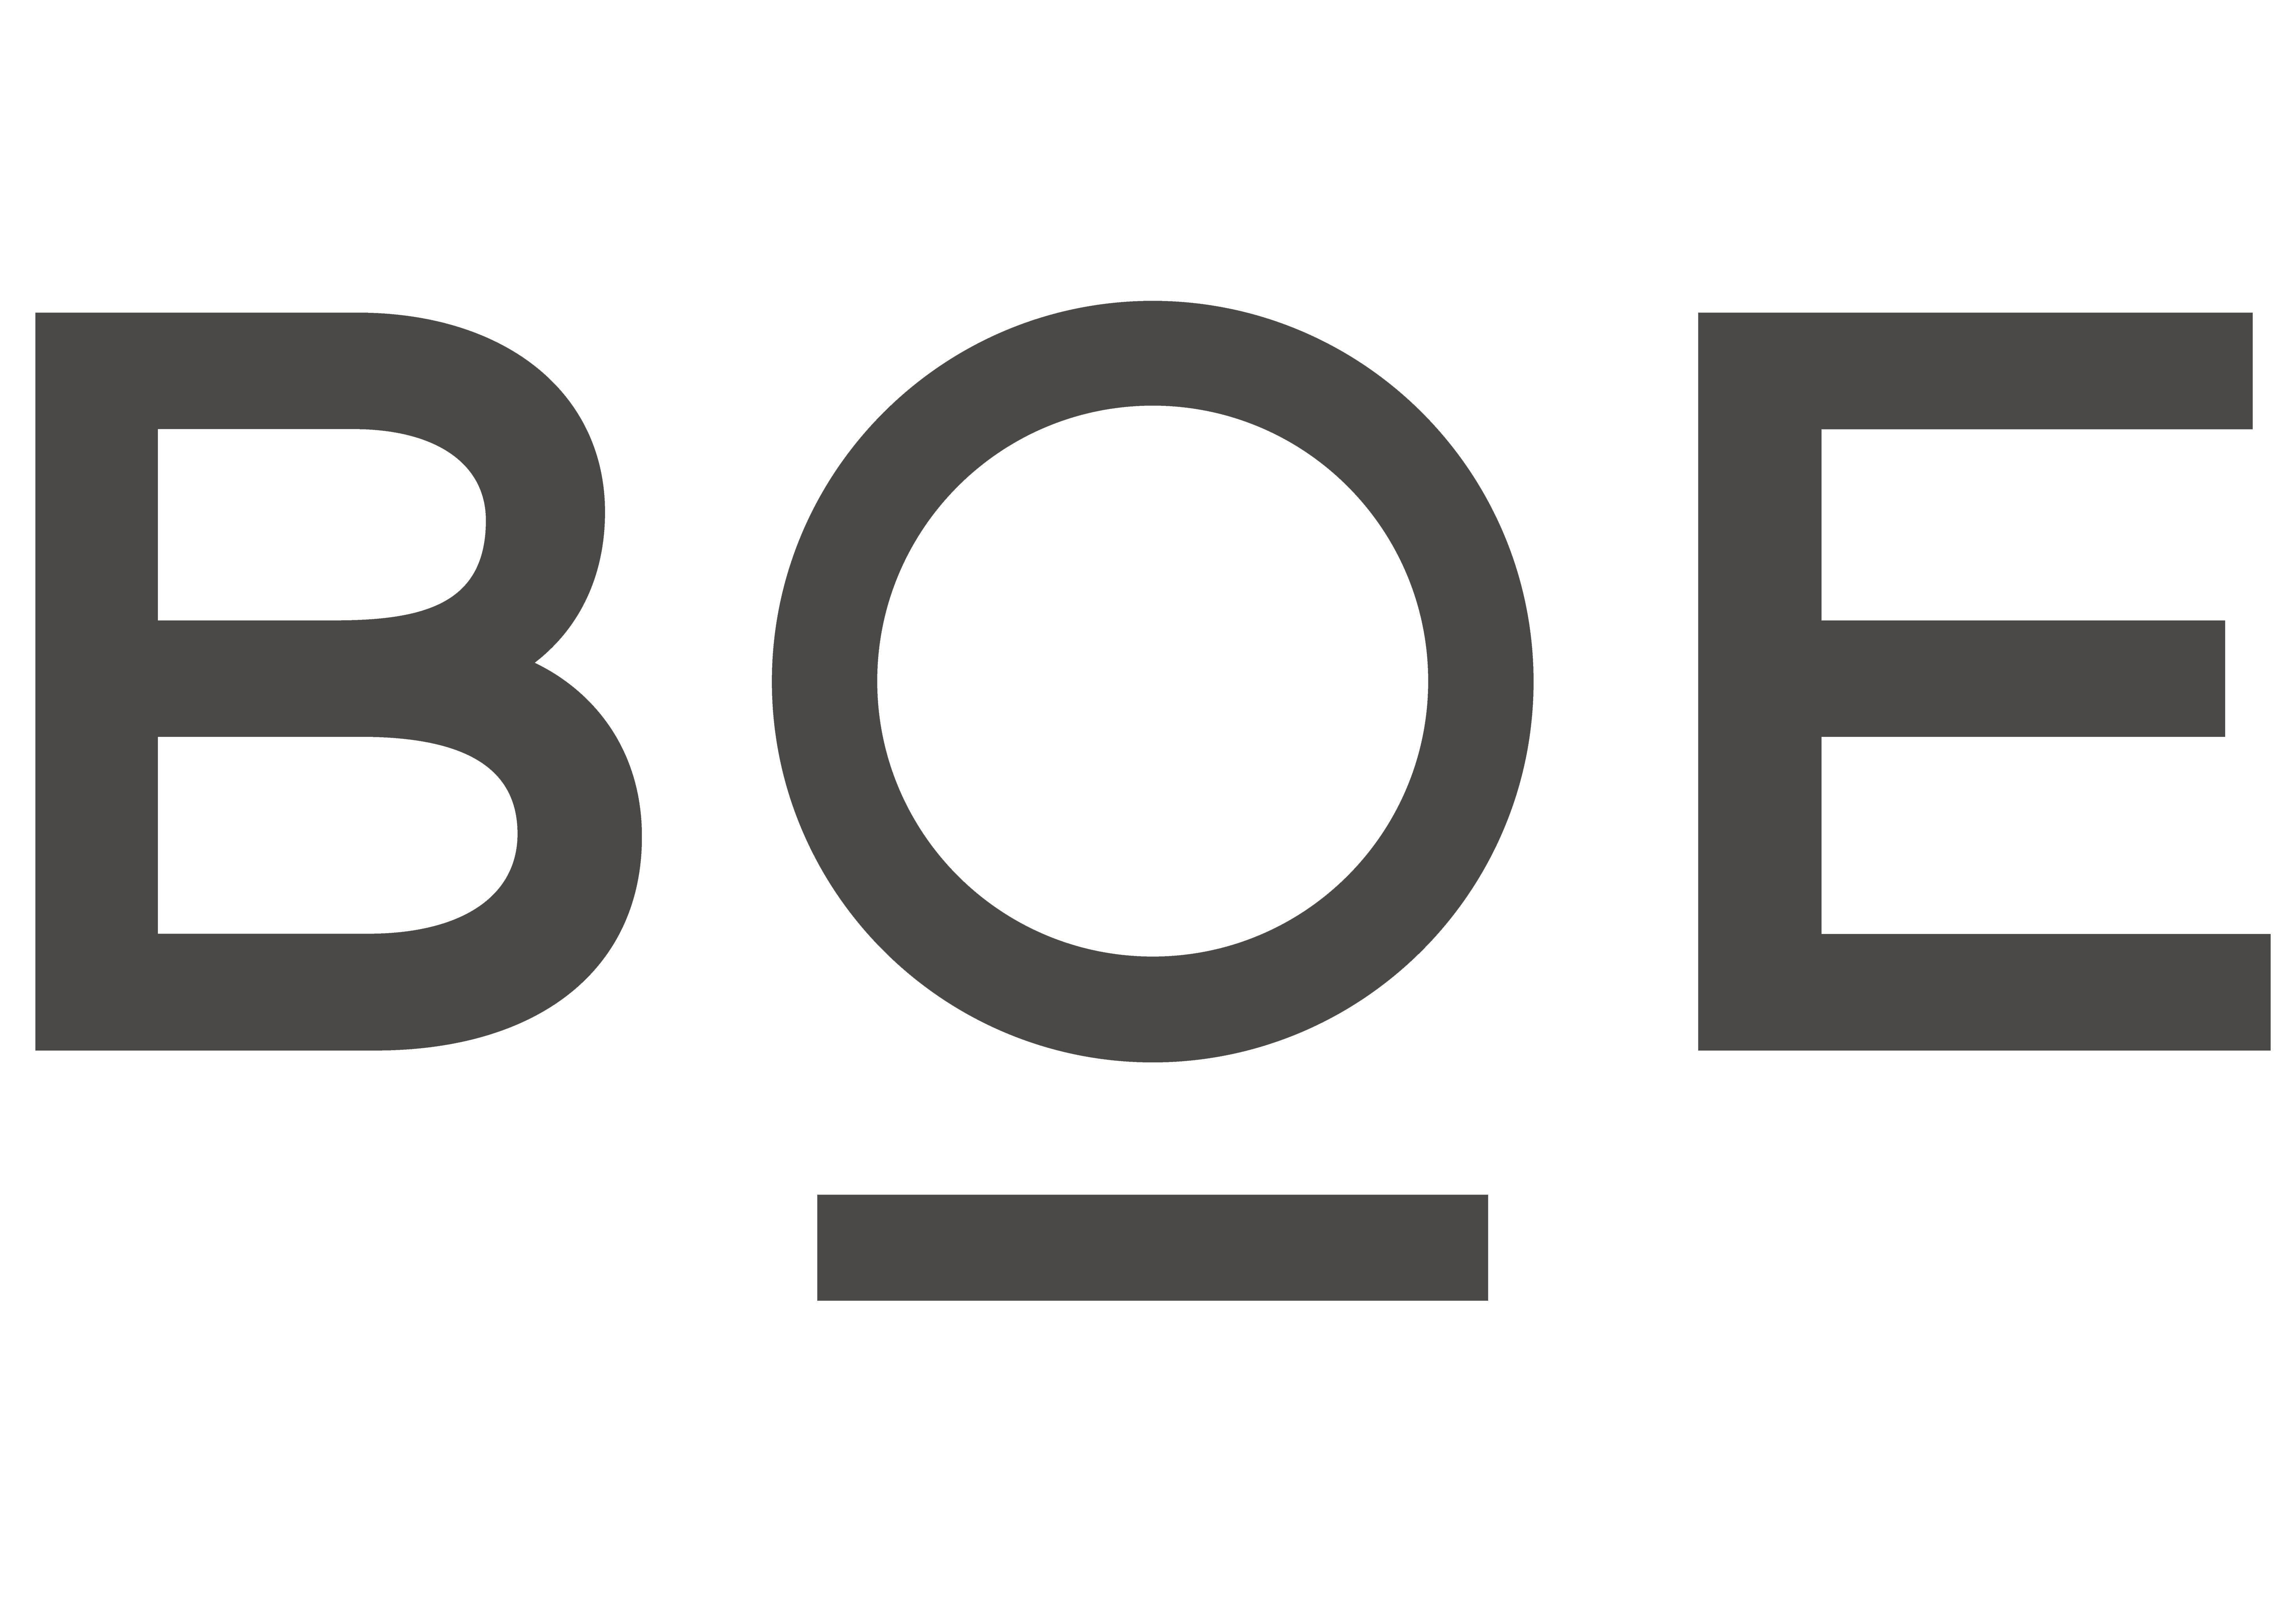 海信护眼平板电脑搭载BOE(京东方)全反射显示屏